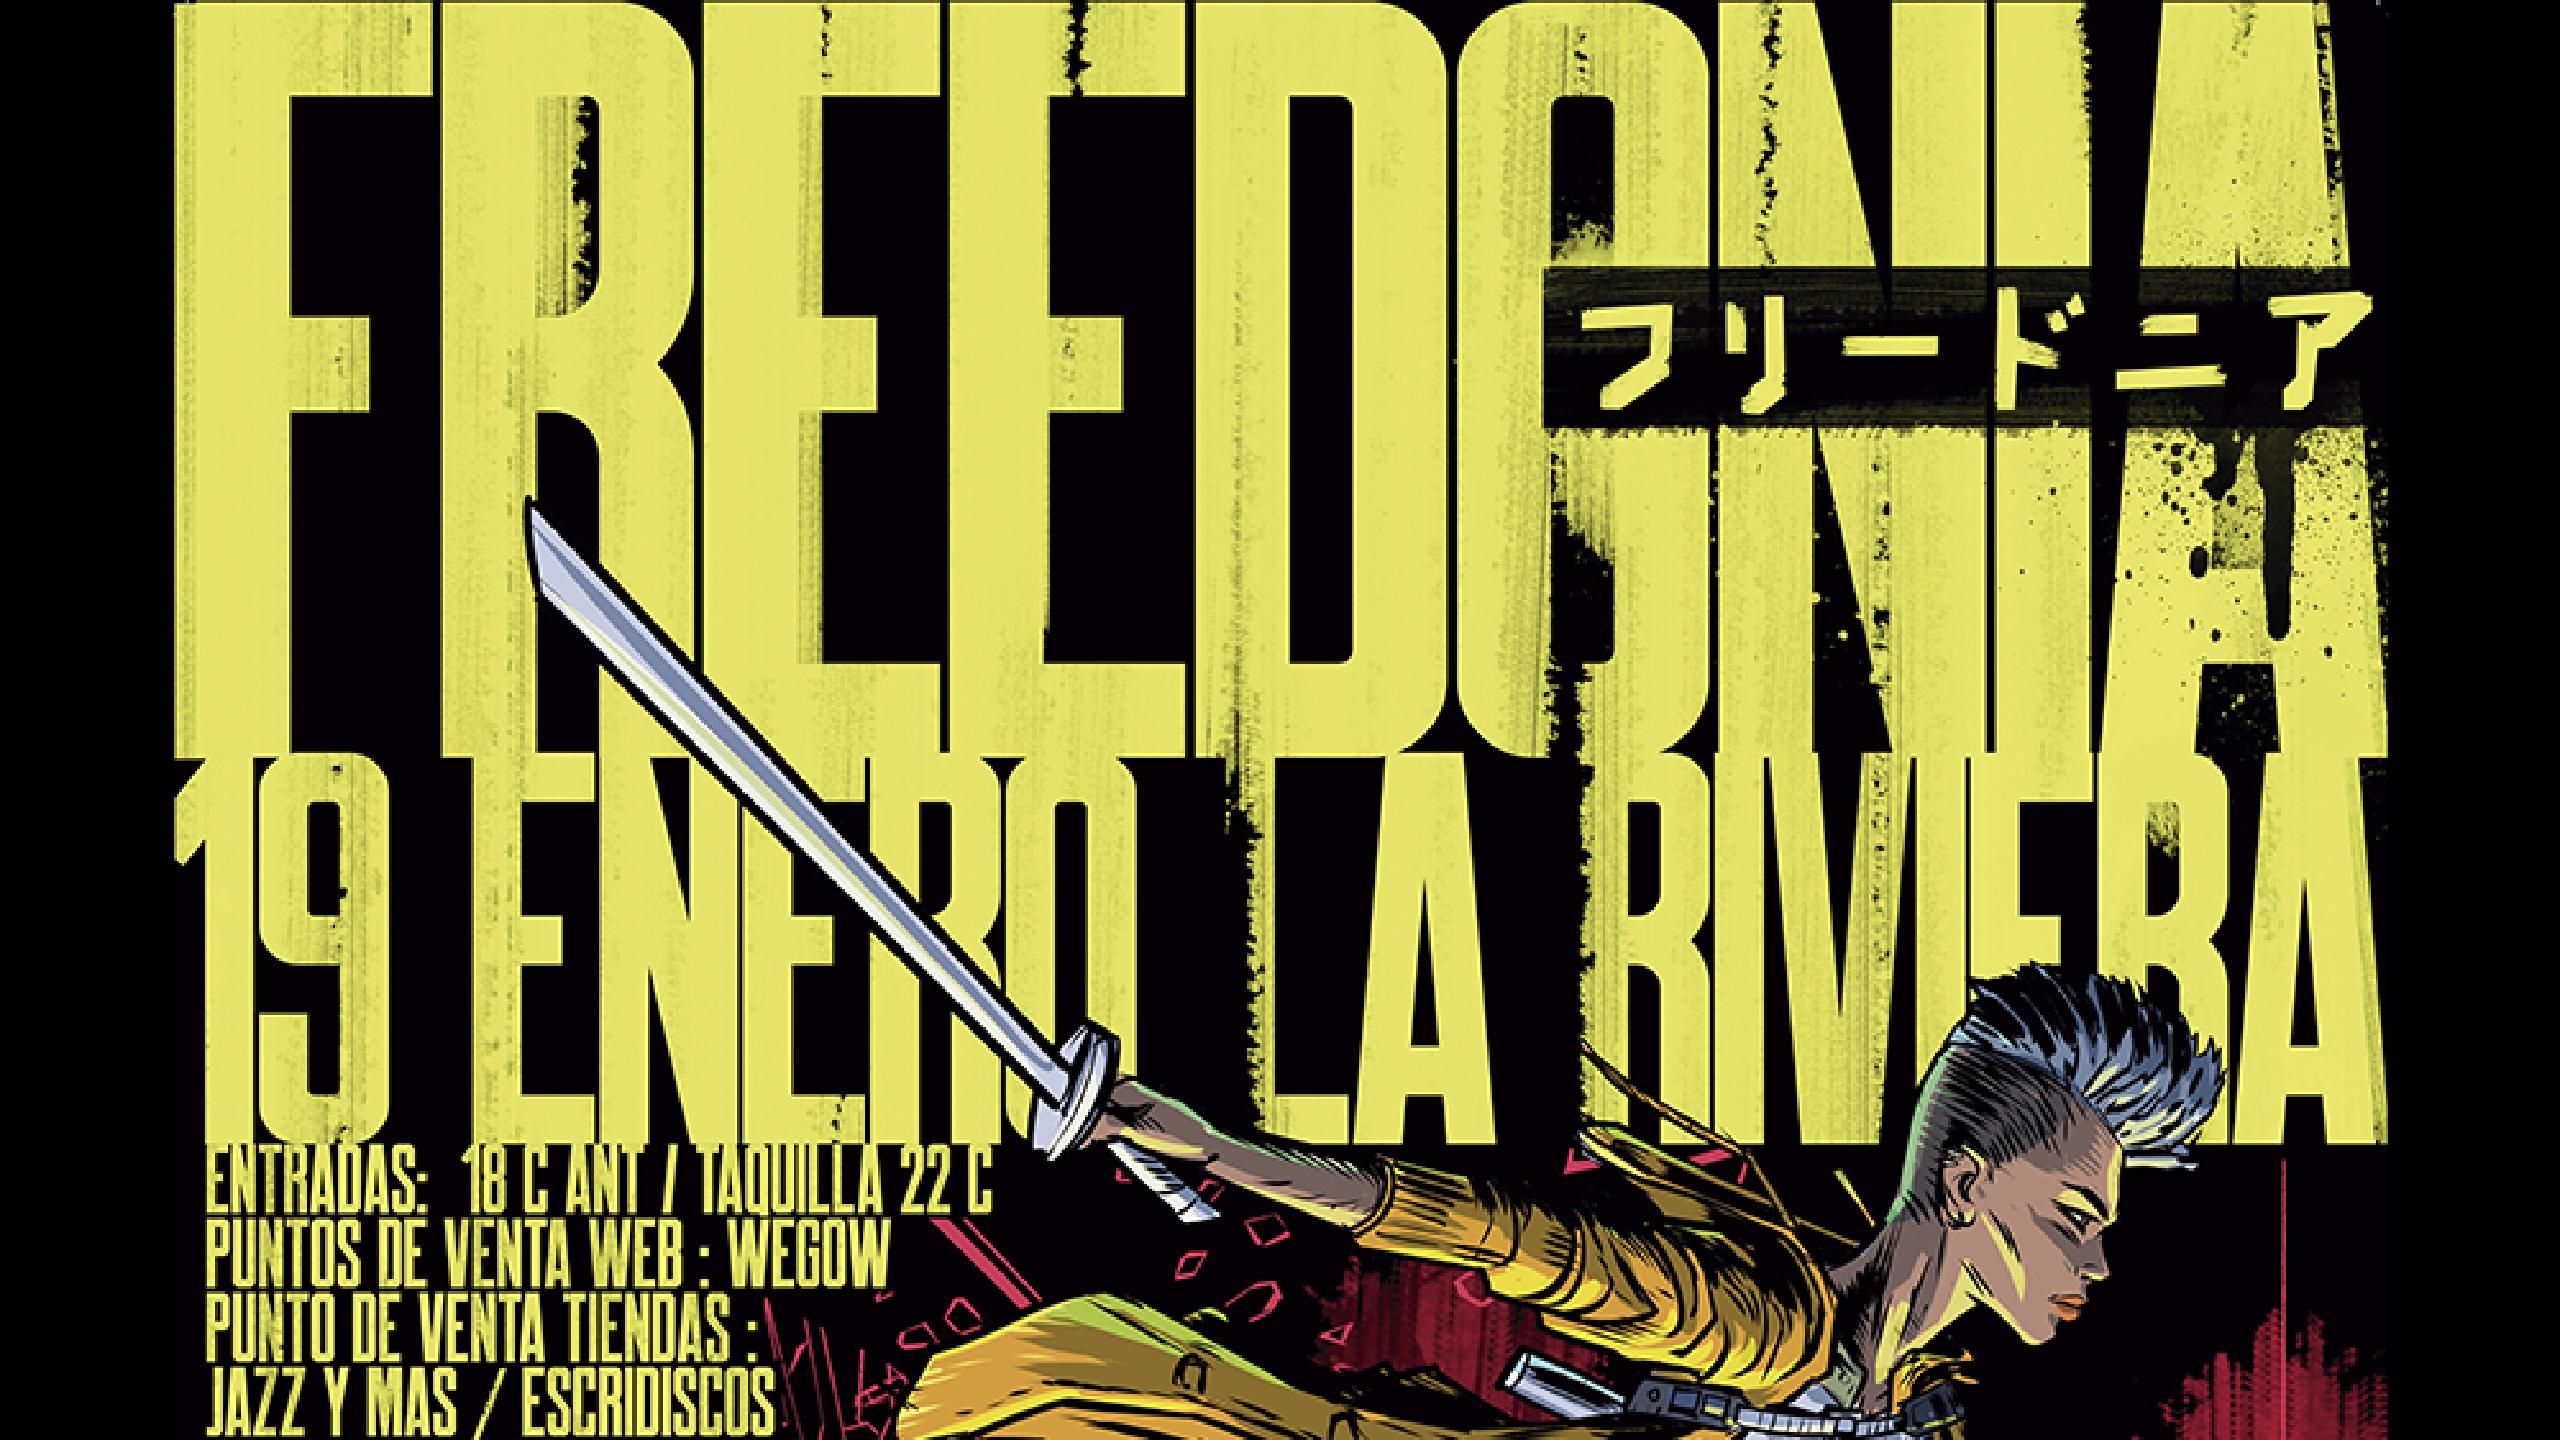 Entradas de concierto de freedonia en madrid la riviera for Conciertos jazz madrid